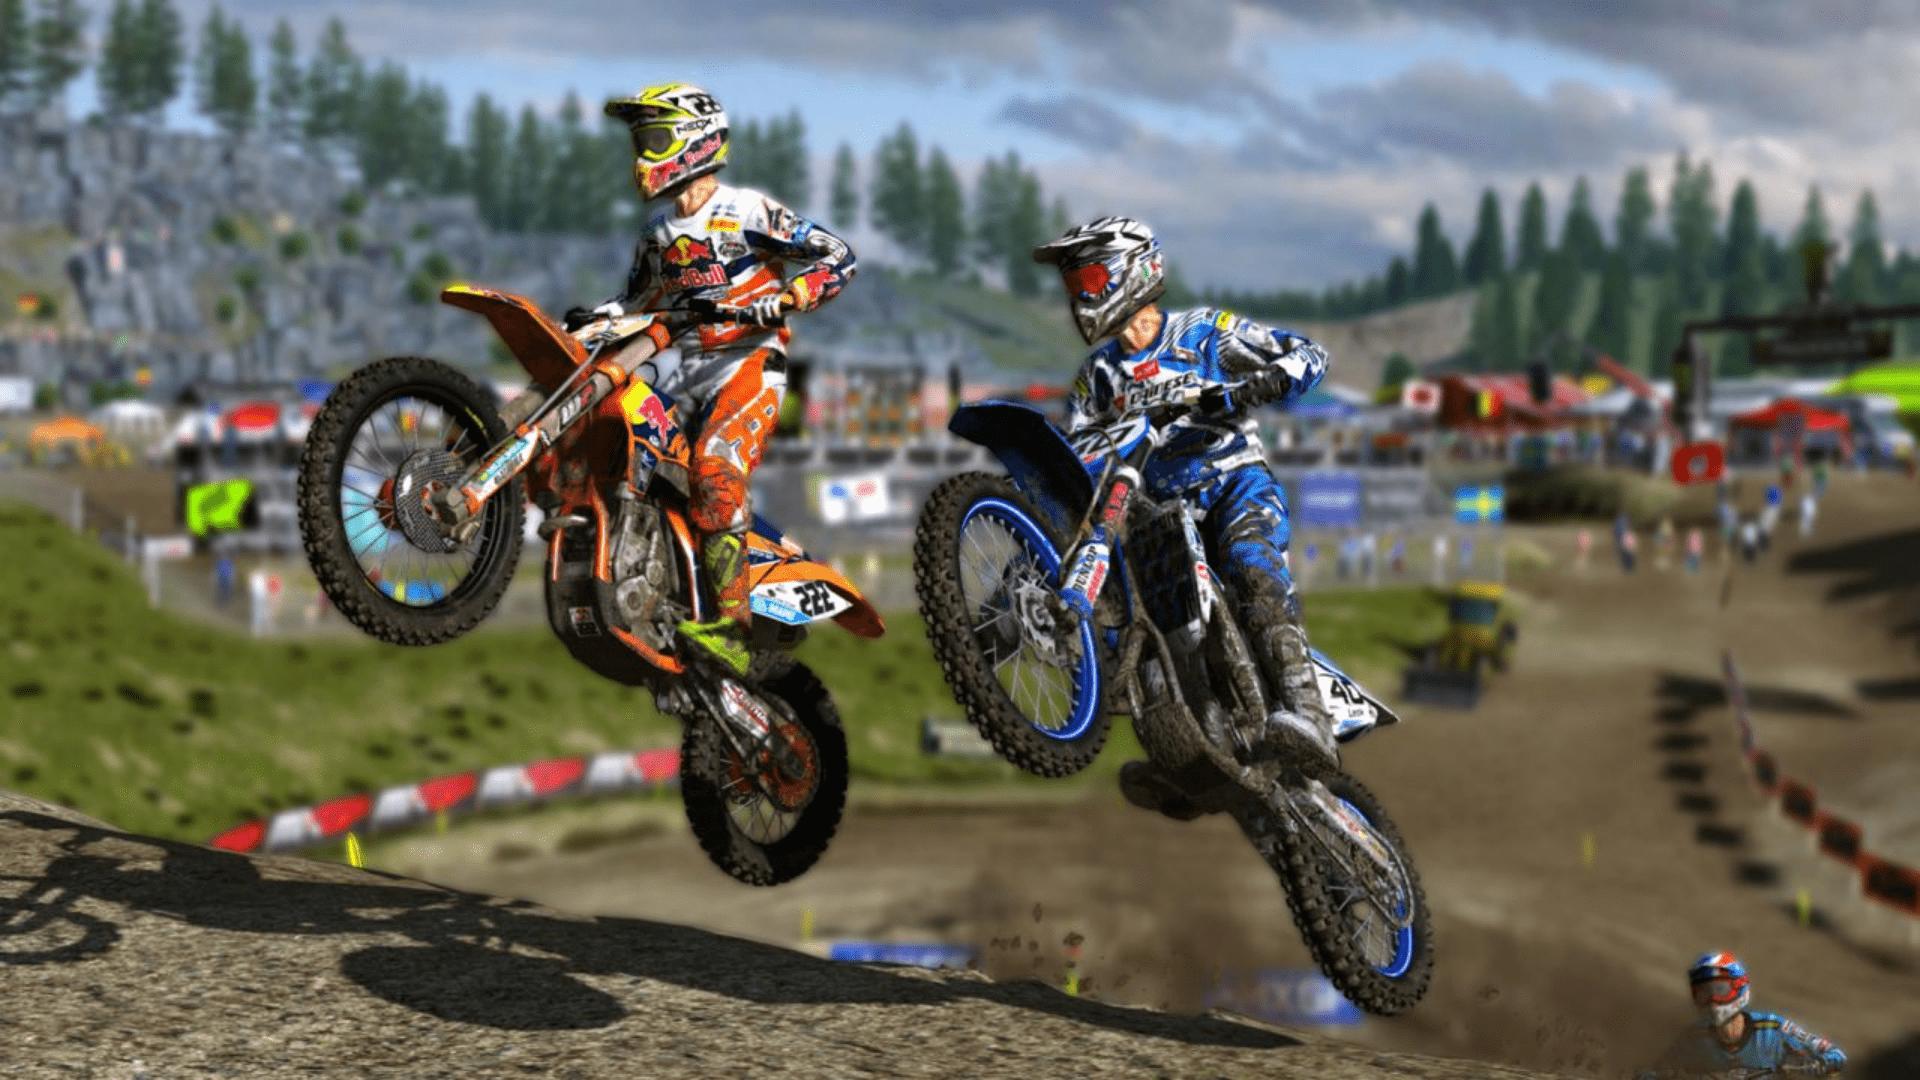 MXGP 2 é um jogo de moto que conta com uma extensa lista de motocicletas (Foto: Divulgação/Milestone)